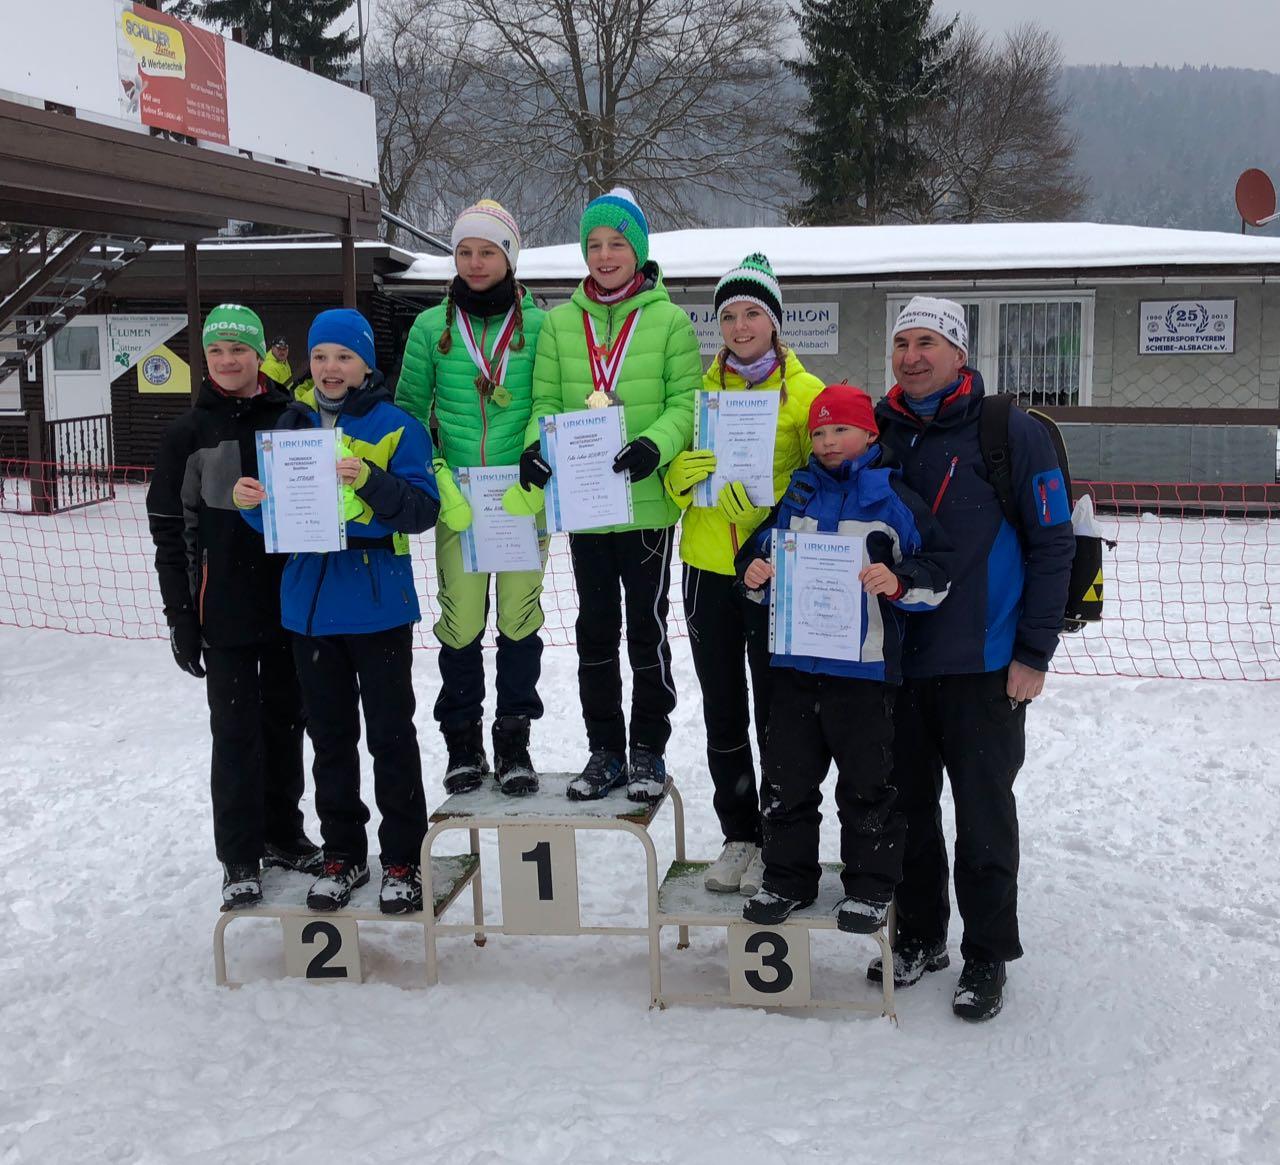 Björn Hönig, Leon Straub, Alina Nußbicker, Felix Schmidt, Josi Stolze, Ben Straub (AK 9) und Dieter Linz (Trainer)